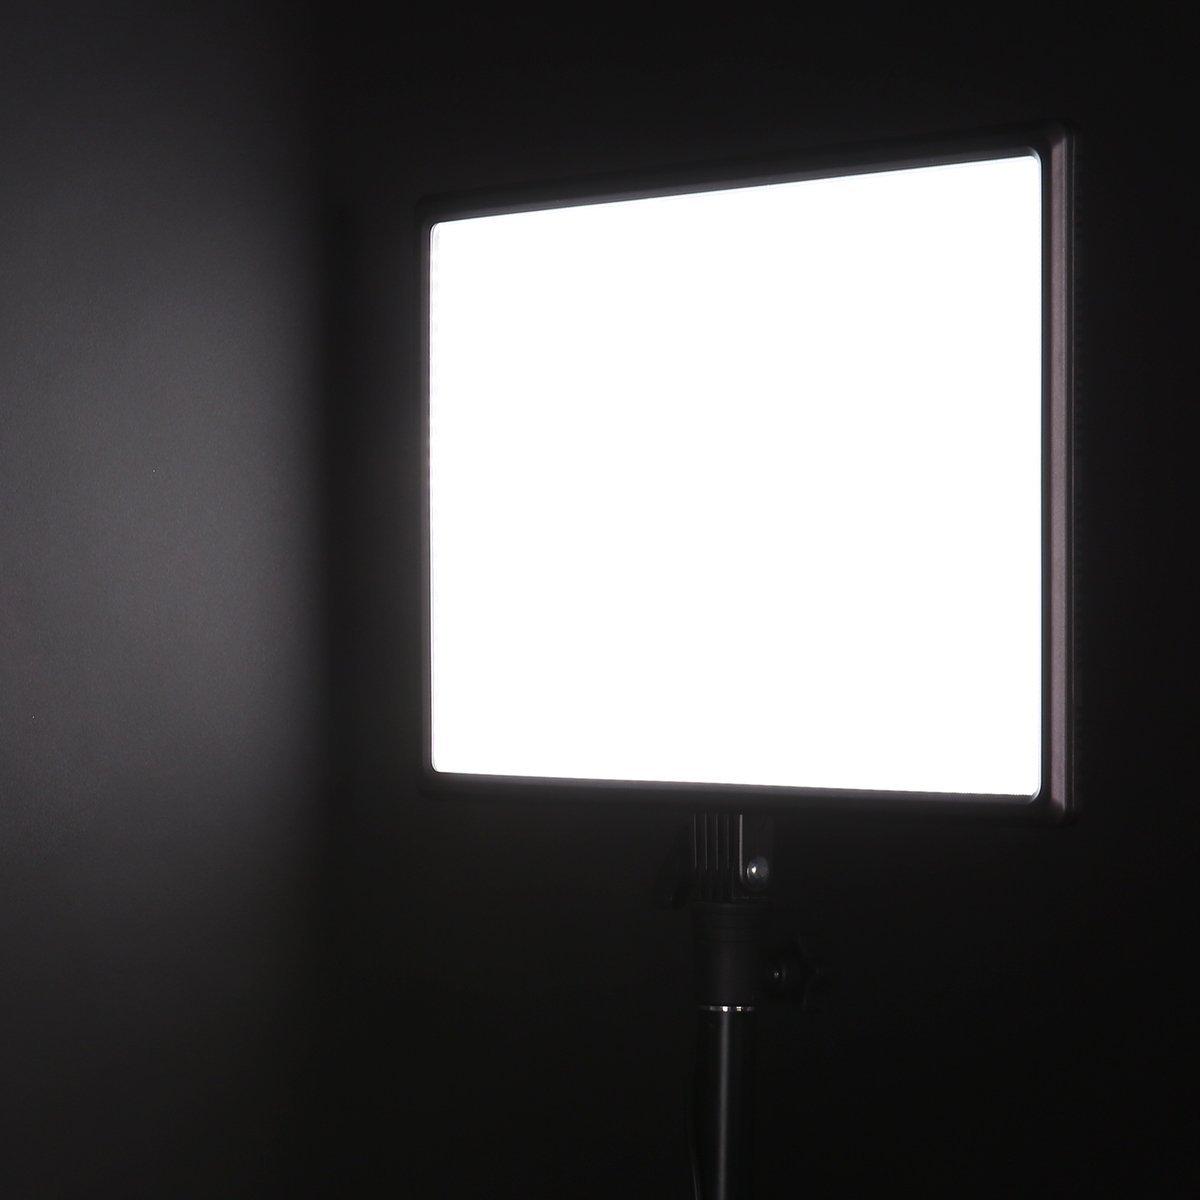 Nanguang CN-Luxpad43 Dimmable 3200 K-5600 K LED LED vidéo lumière pour Canon Panasonic Sony Samsung et Olympus Reflex numériques - 3